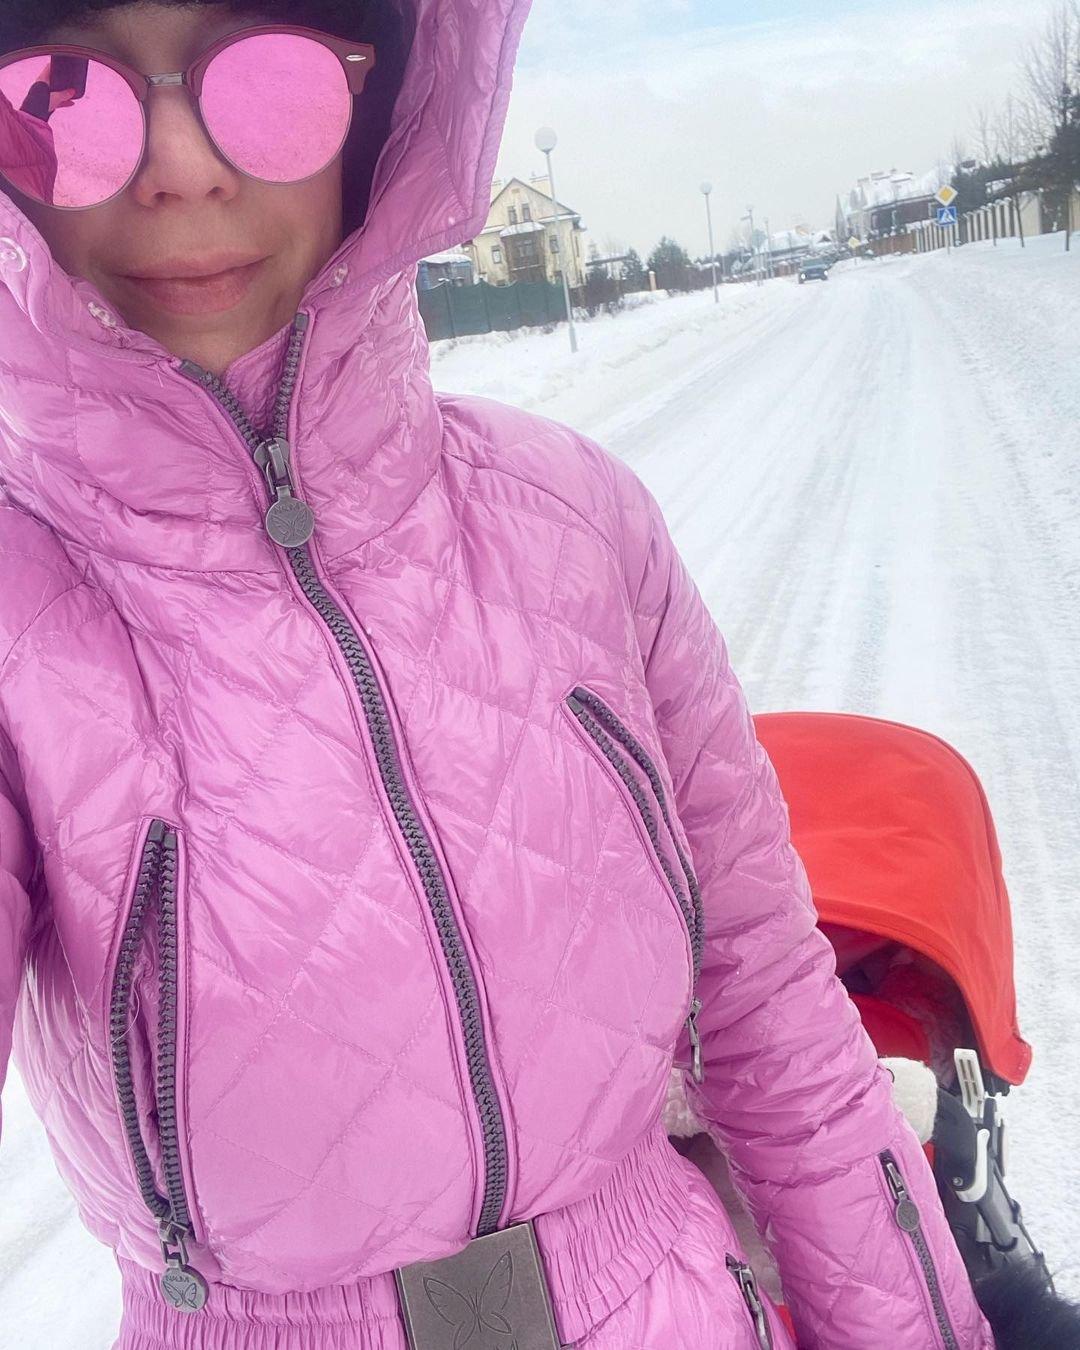 Наталья Подольская намерена вернуться к работе, несмотря на совсем маленького ребёнка